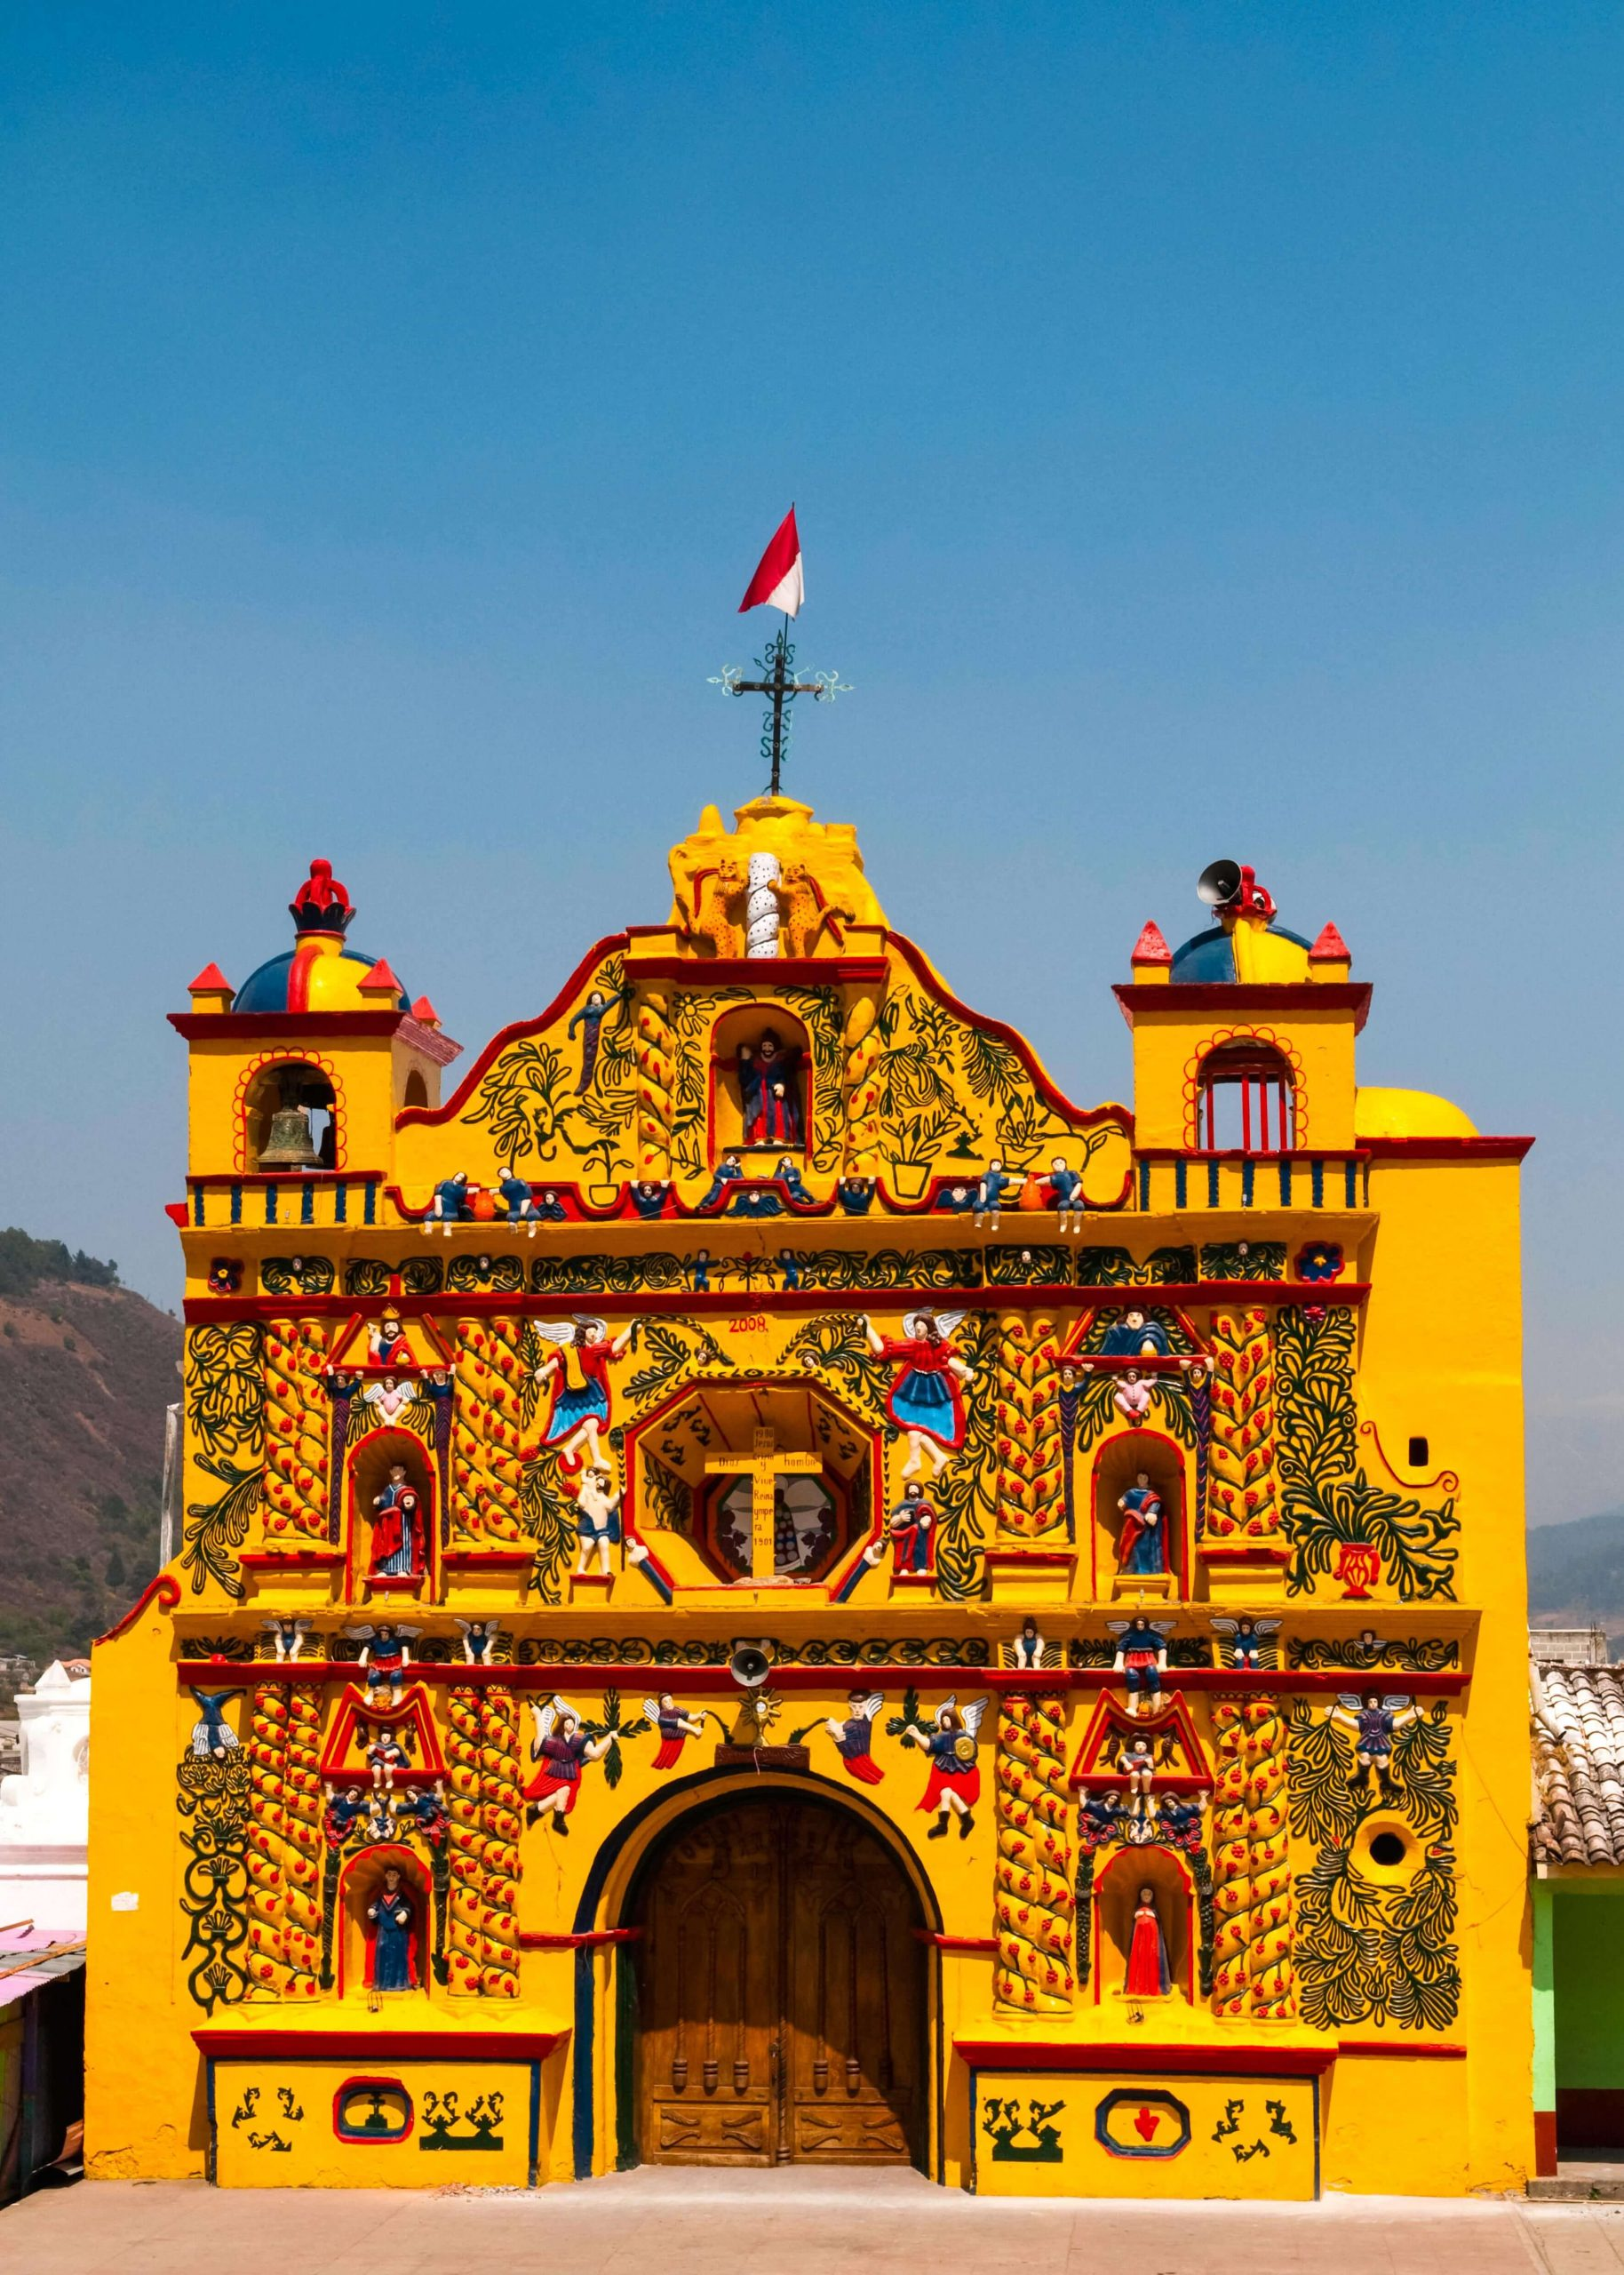 Municipalidad de Santa María Chiquimula